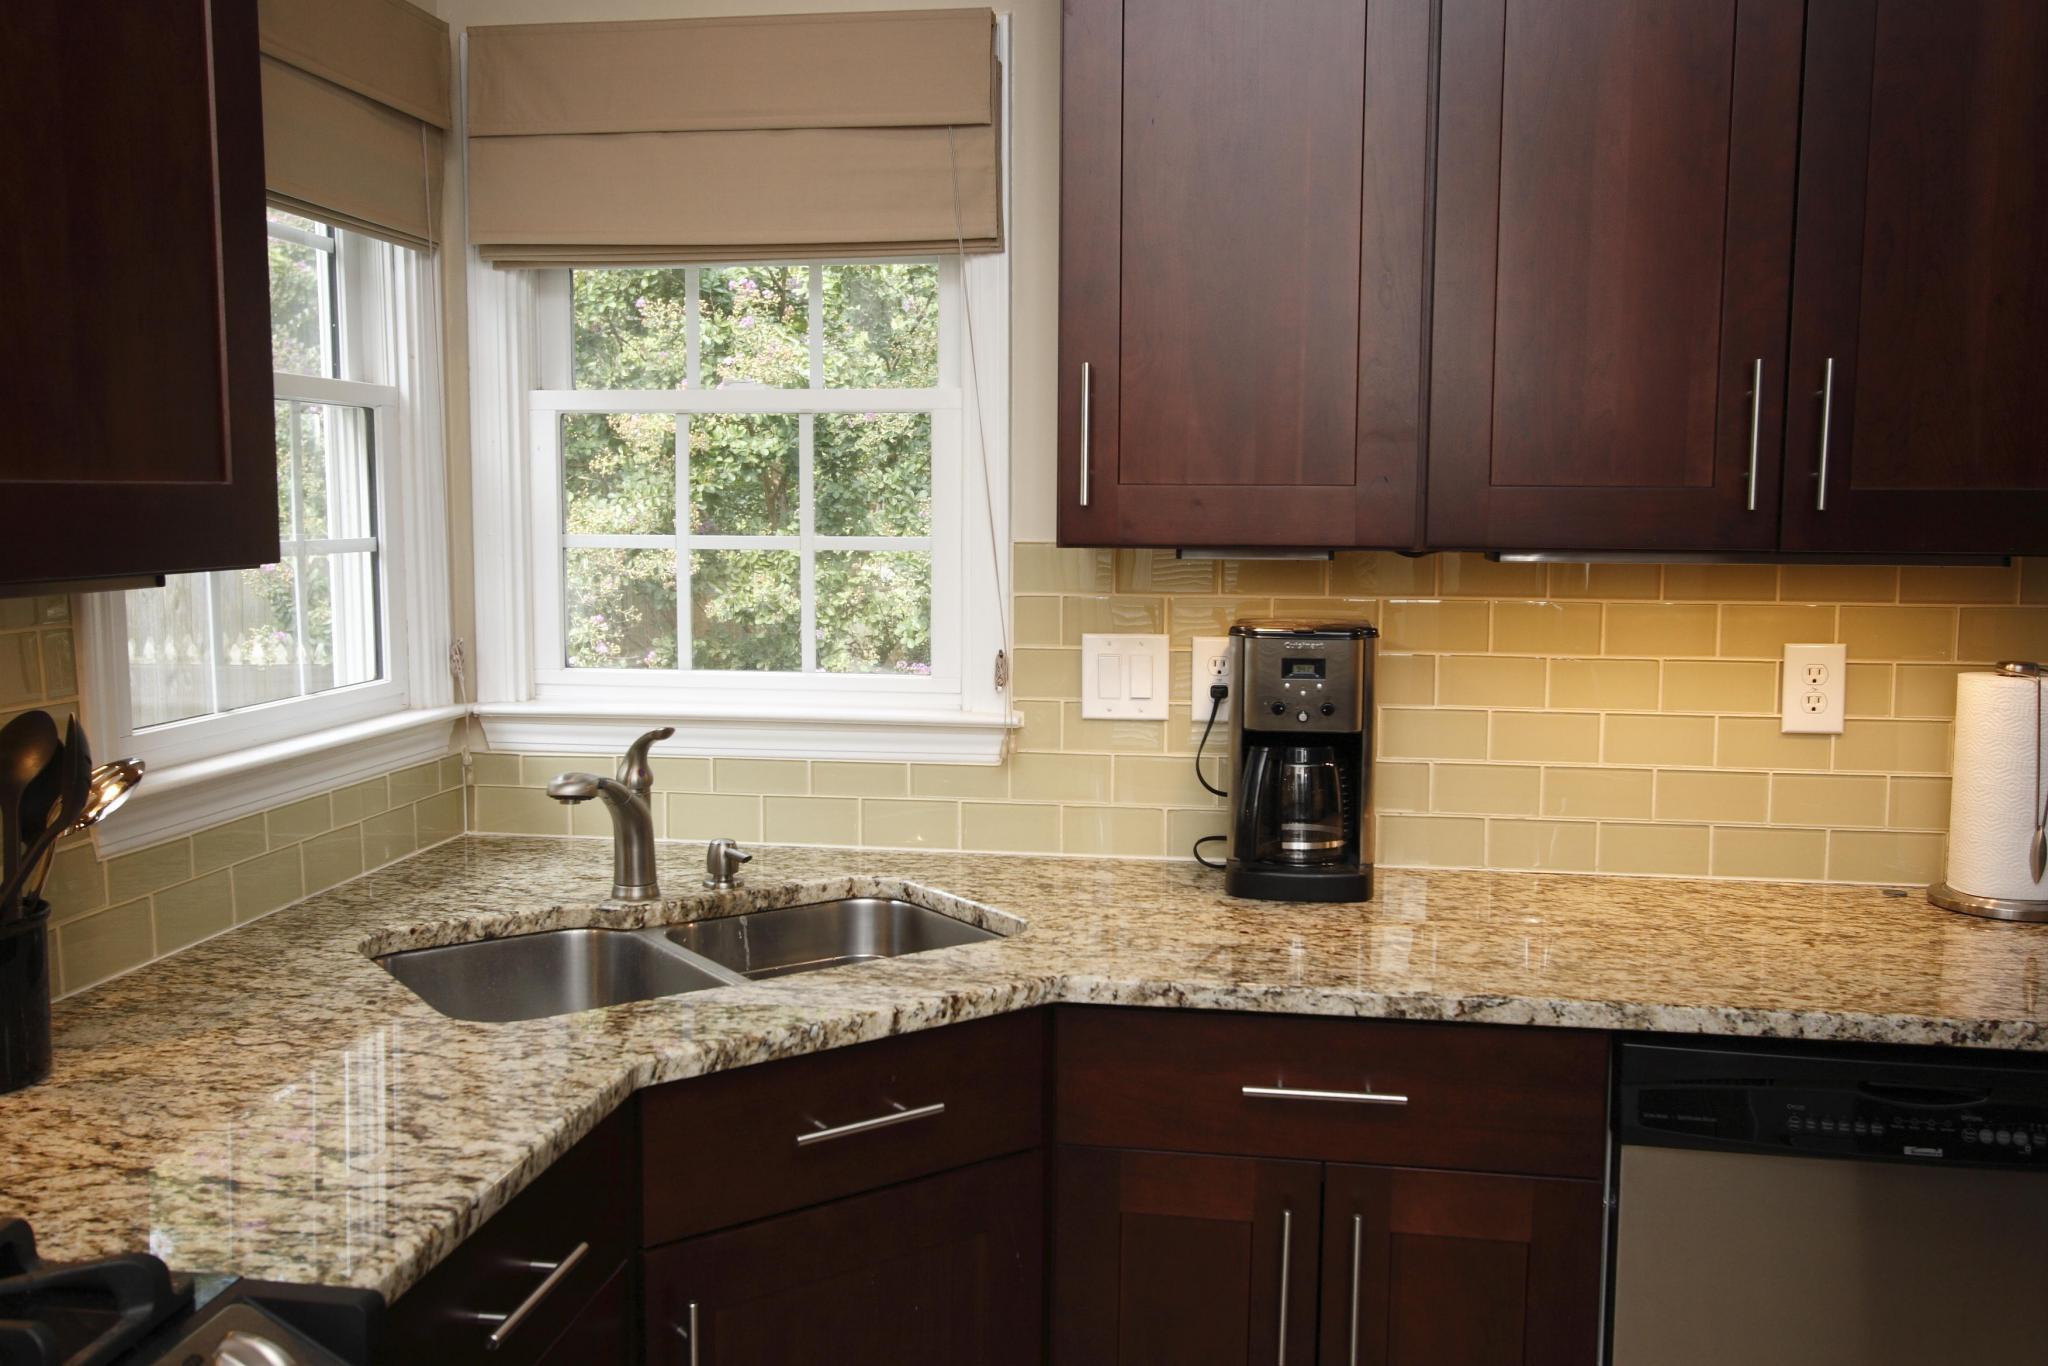 décoration-cuisine-moderne-avec-coin-évier-de-cuisine-et-dosseret-unique-aussi-fenêtre-plinthe-options-comme-cuisine-fenêtre-rideau-options-design-idées-unique-cuisine-dosserets-unique